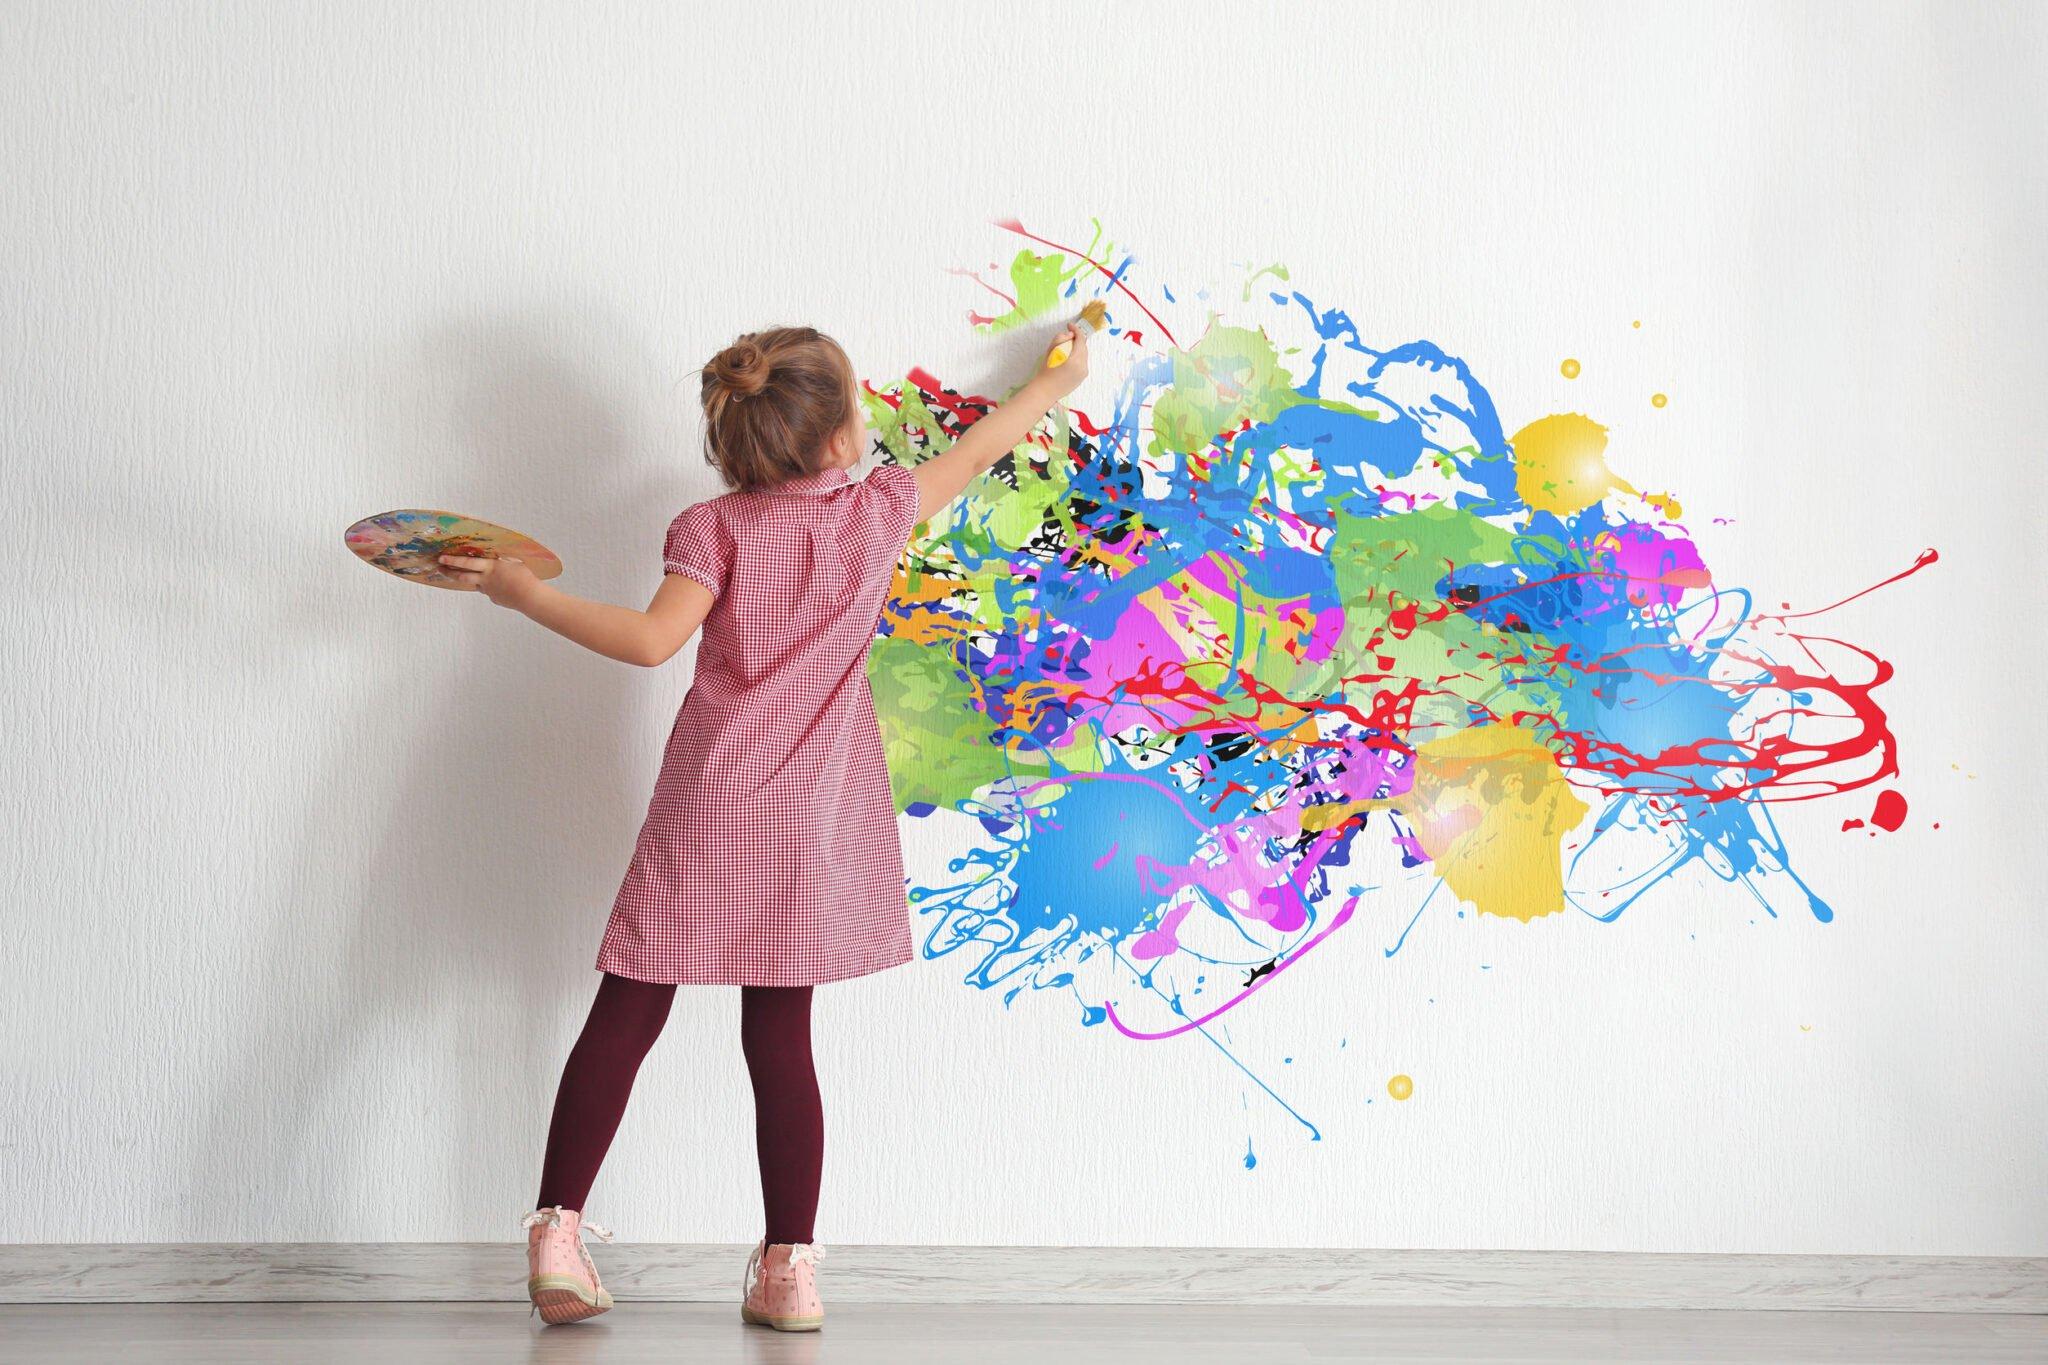 Tips voor als je je kind wel achter het behang kunt plakken - Mamaliefde.nl